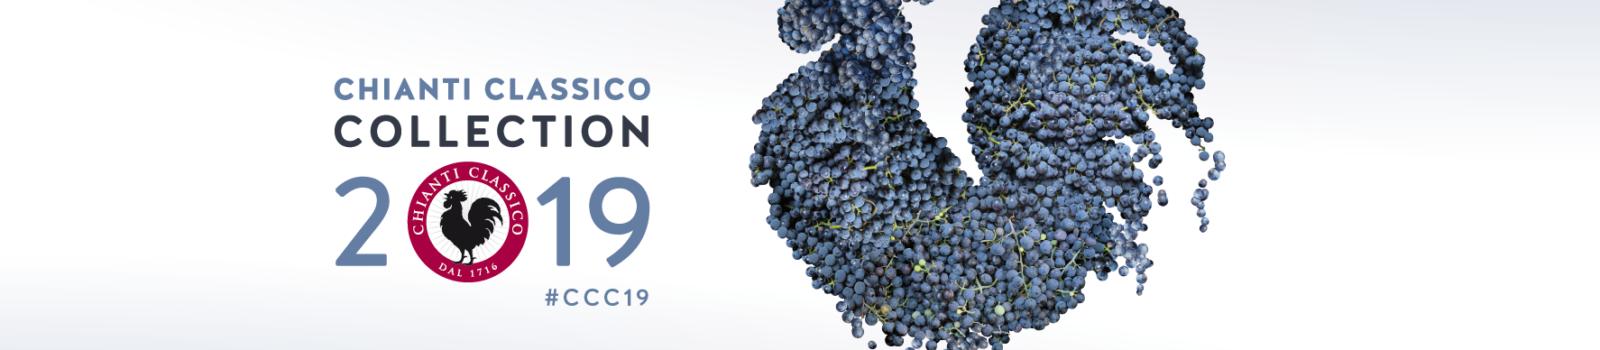 Associazione Classico Berardenga a Chianti Classico Collection 2019